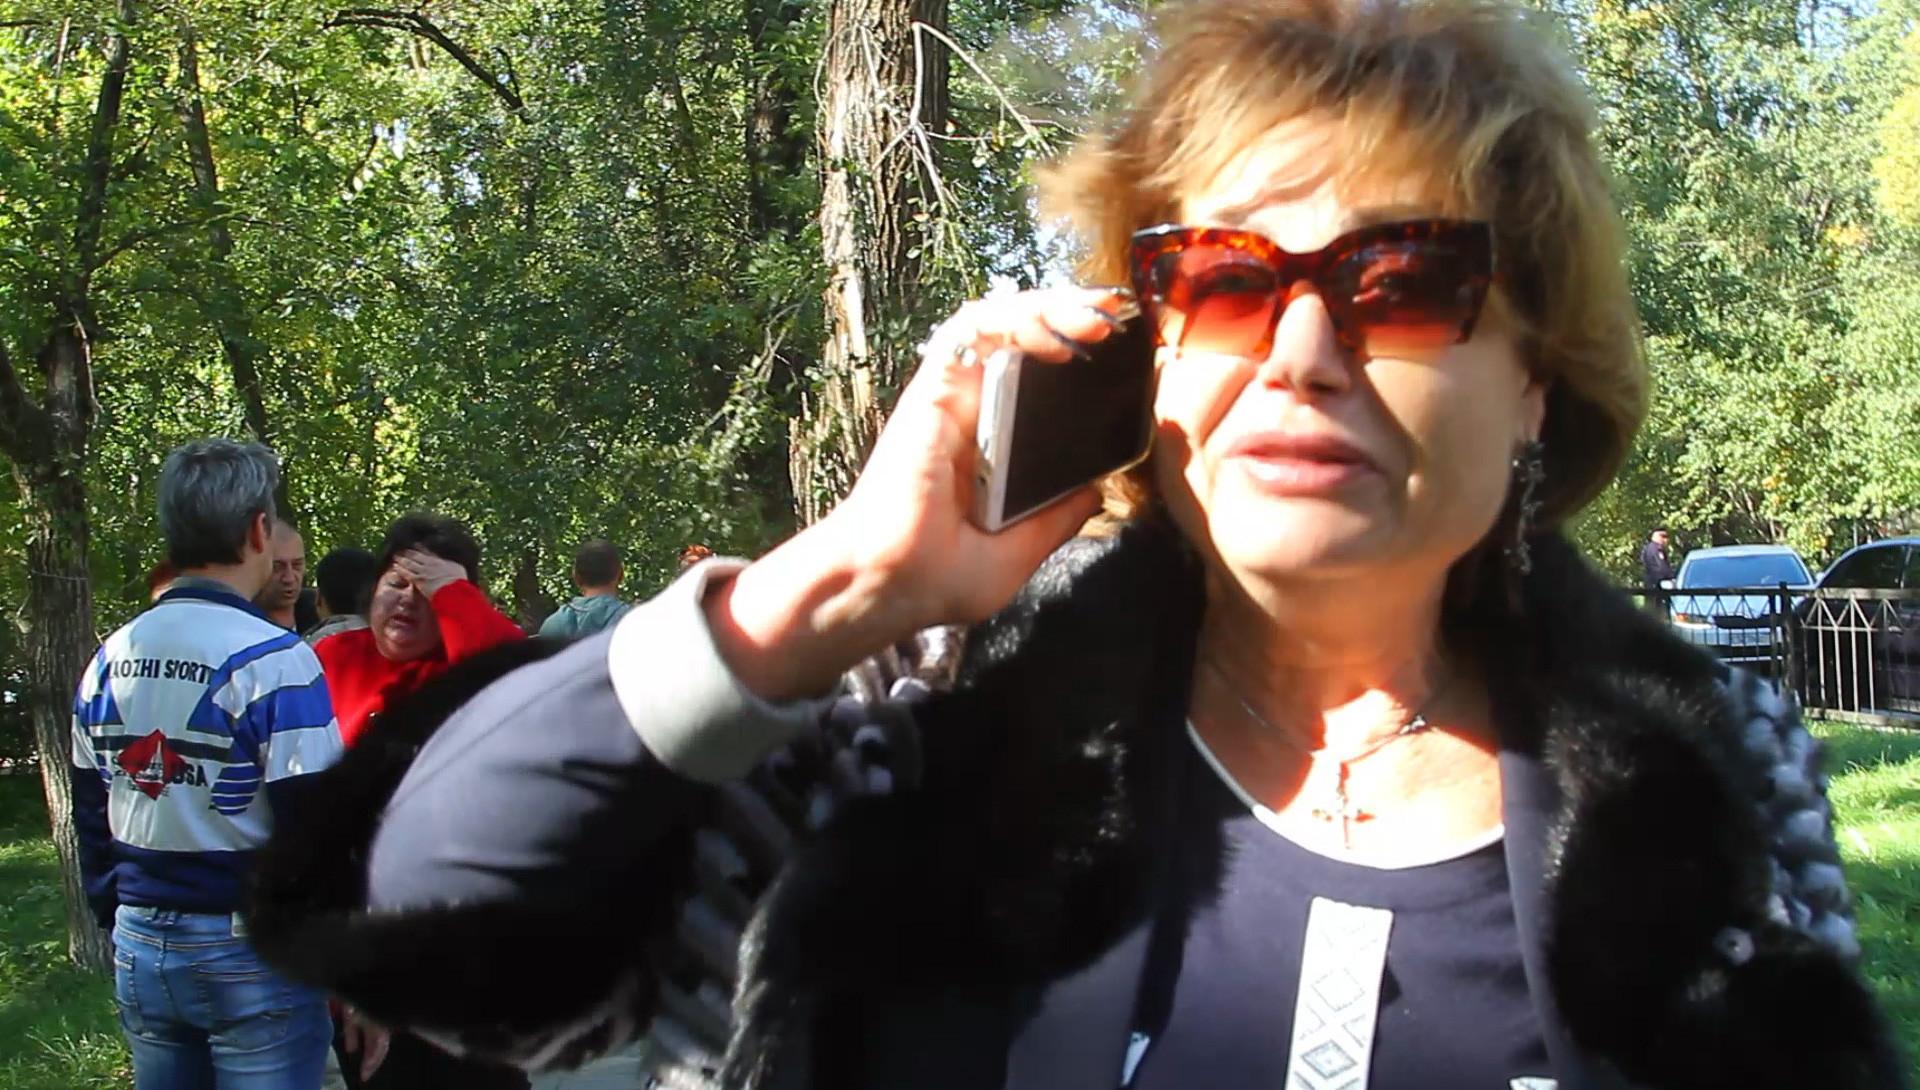 Директриса Керченского политехнического колледжа Ольга Гребенникова. Фото: © РИА Новости / Мария Крицкая